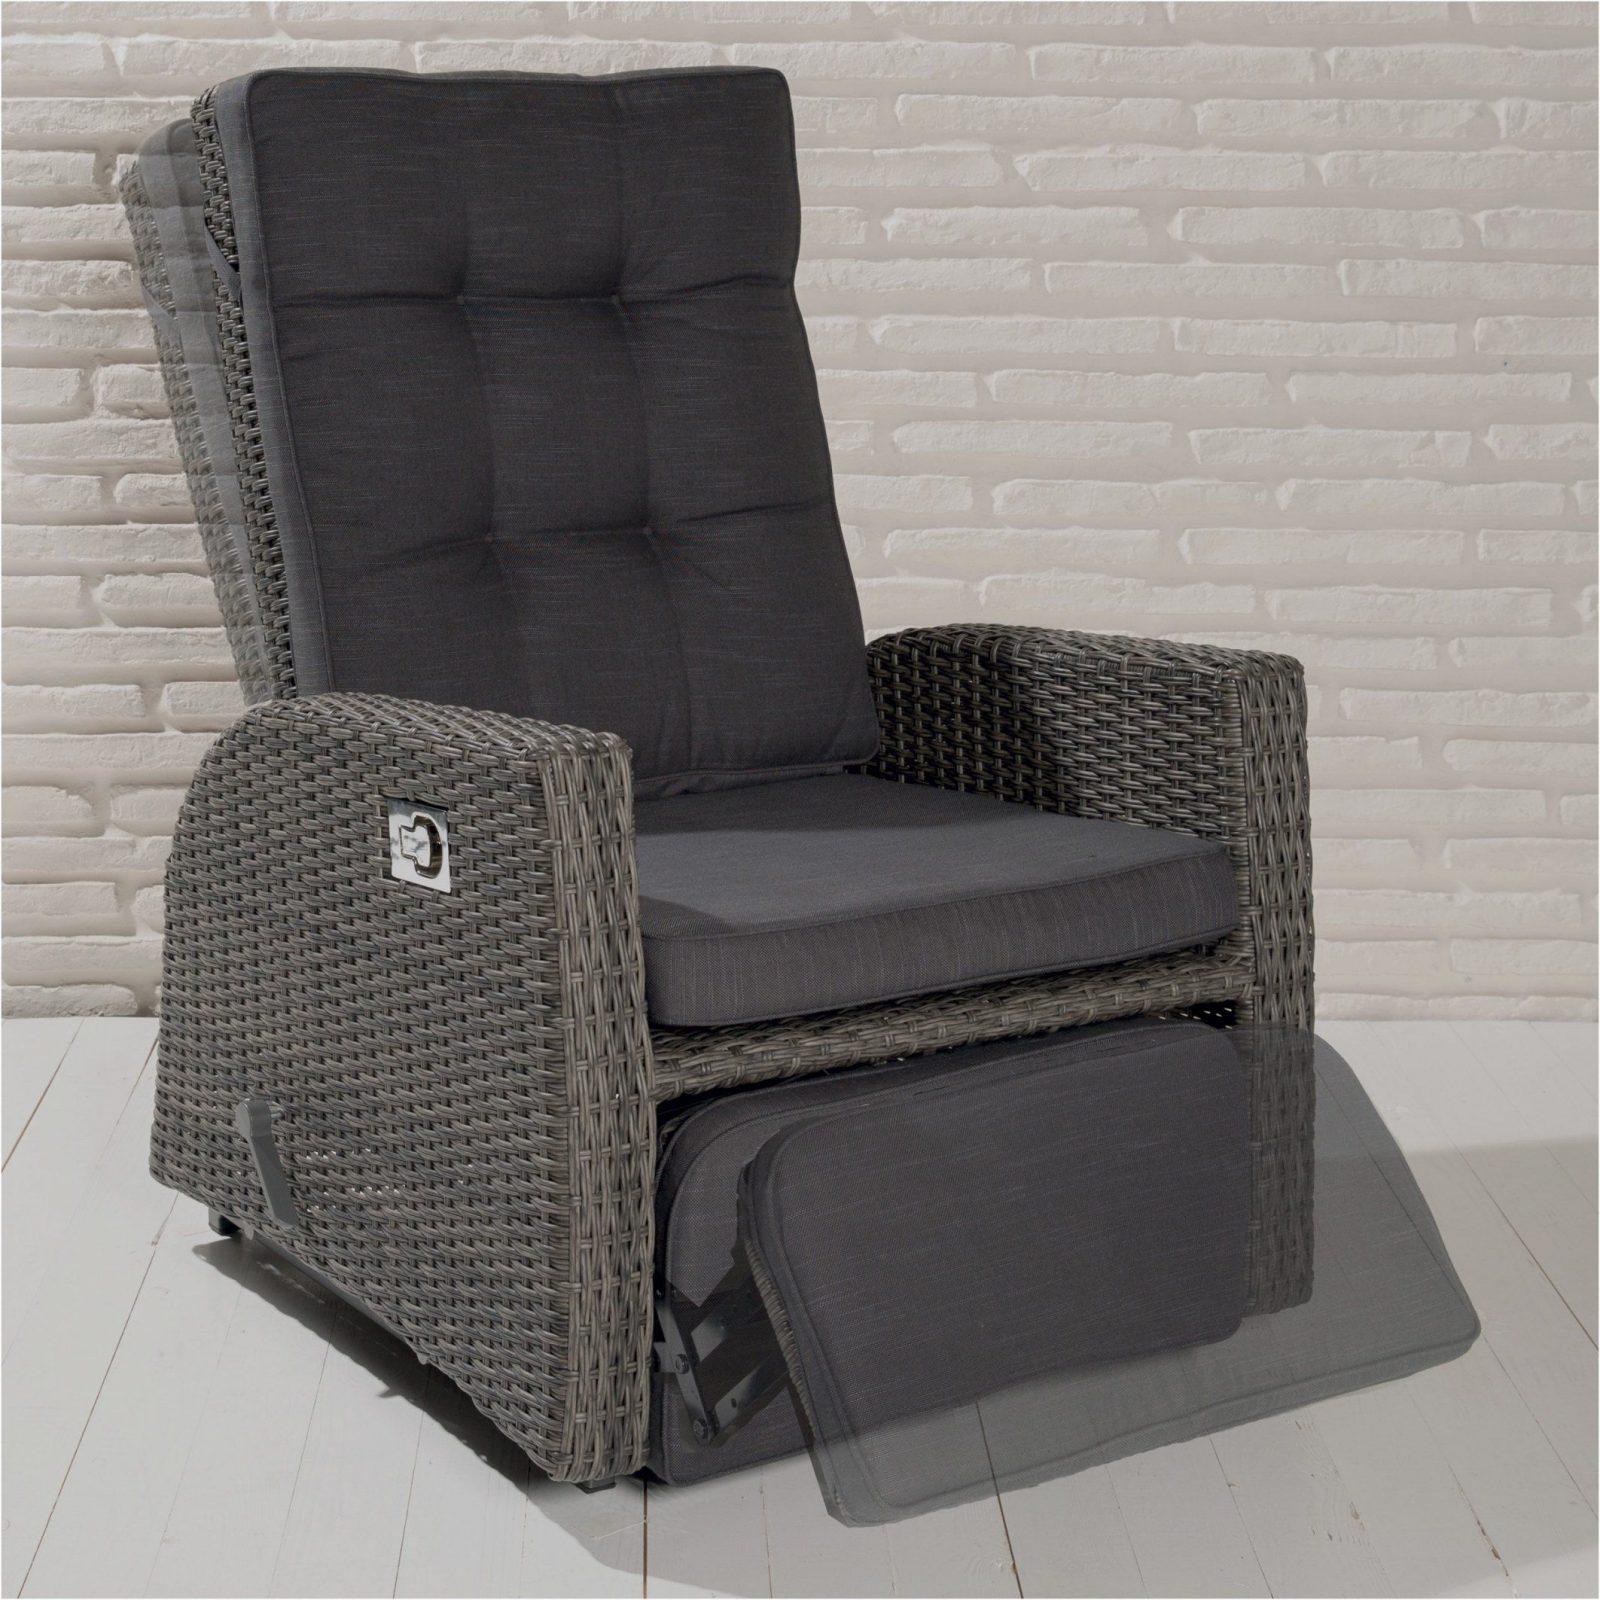 Polyrattan Stuhl Grau Das Beste Von Polyrattan Sessel Verstellbarer von Polyrattan Sessel Verstellbarer Rückenlehne Photo